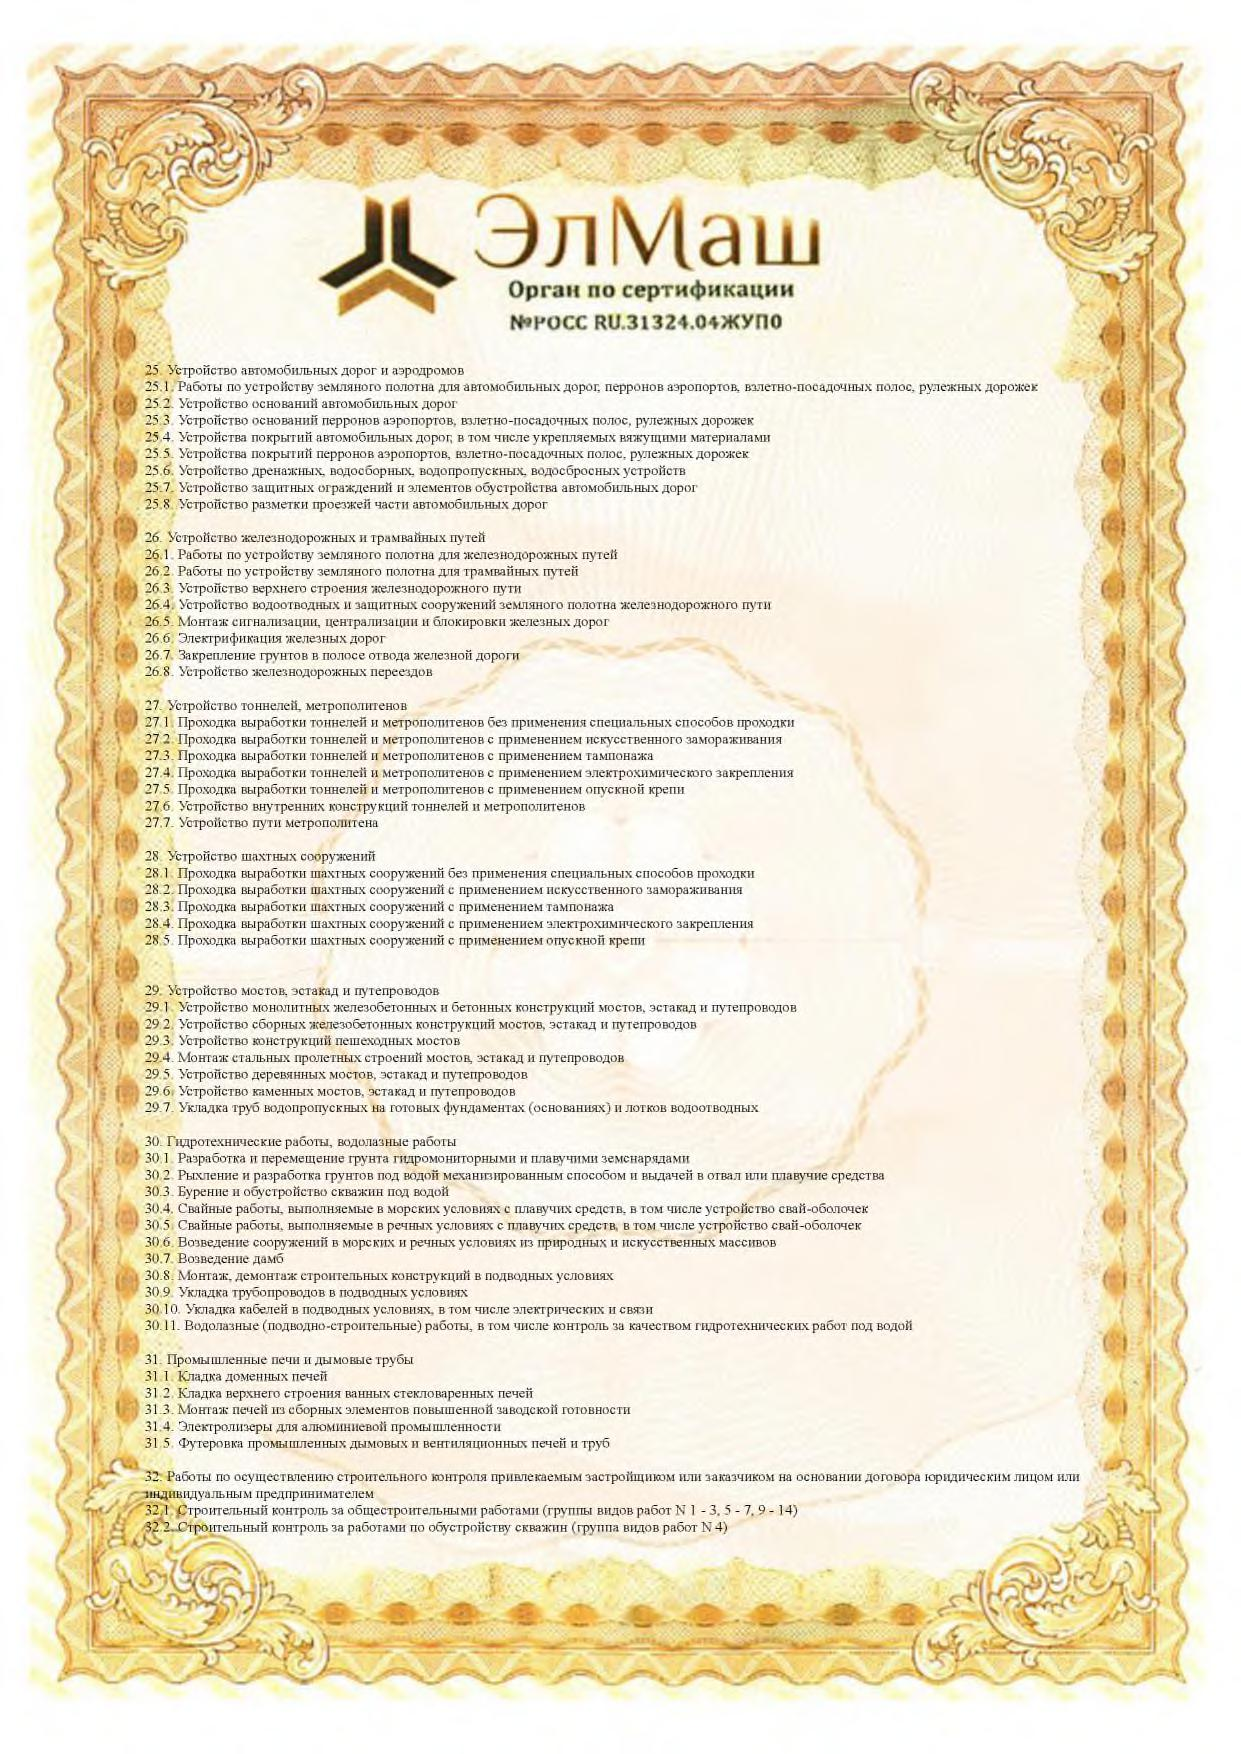 Сертификат соответствия Приложение стр 5